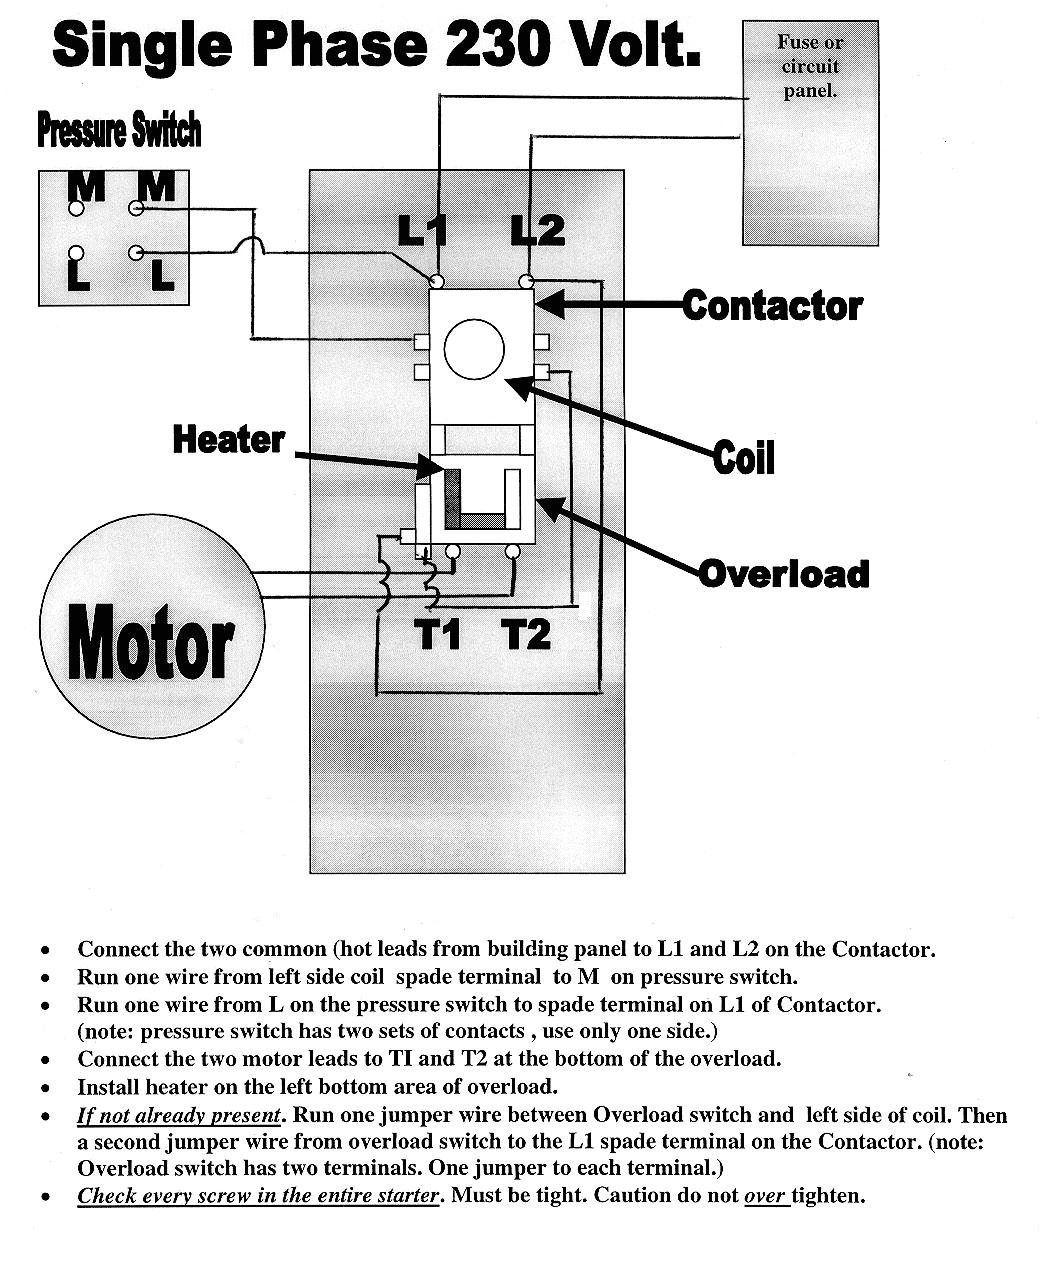 240 single phase wiring diagram blog wiring diagram 240 1 phase motor wiring wiring diagram blog